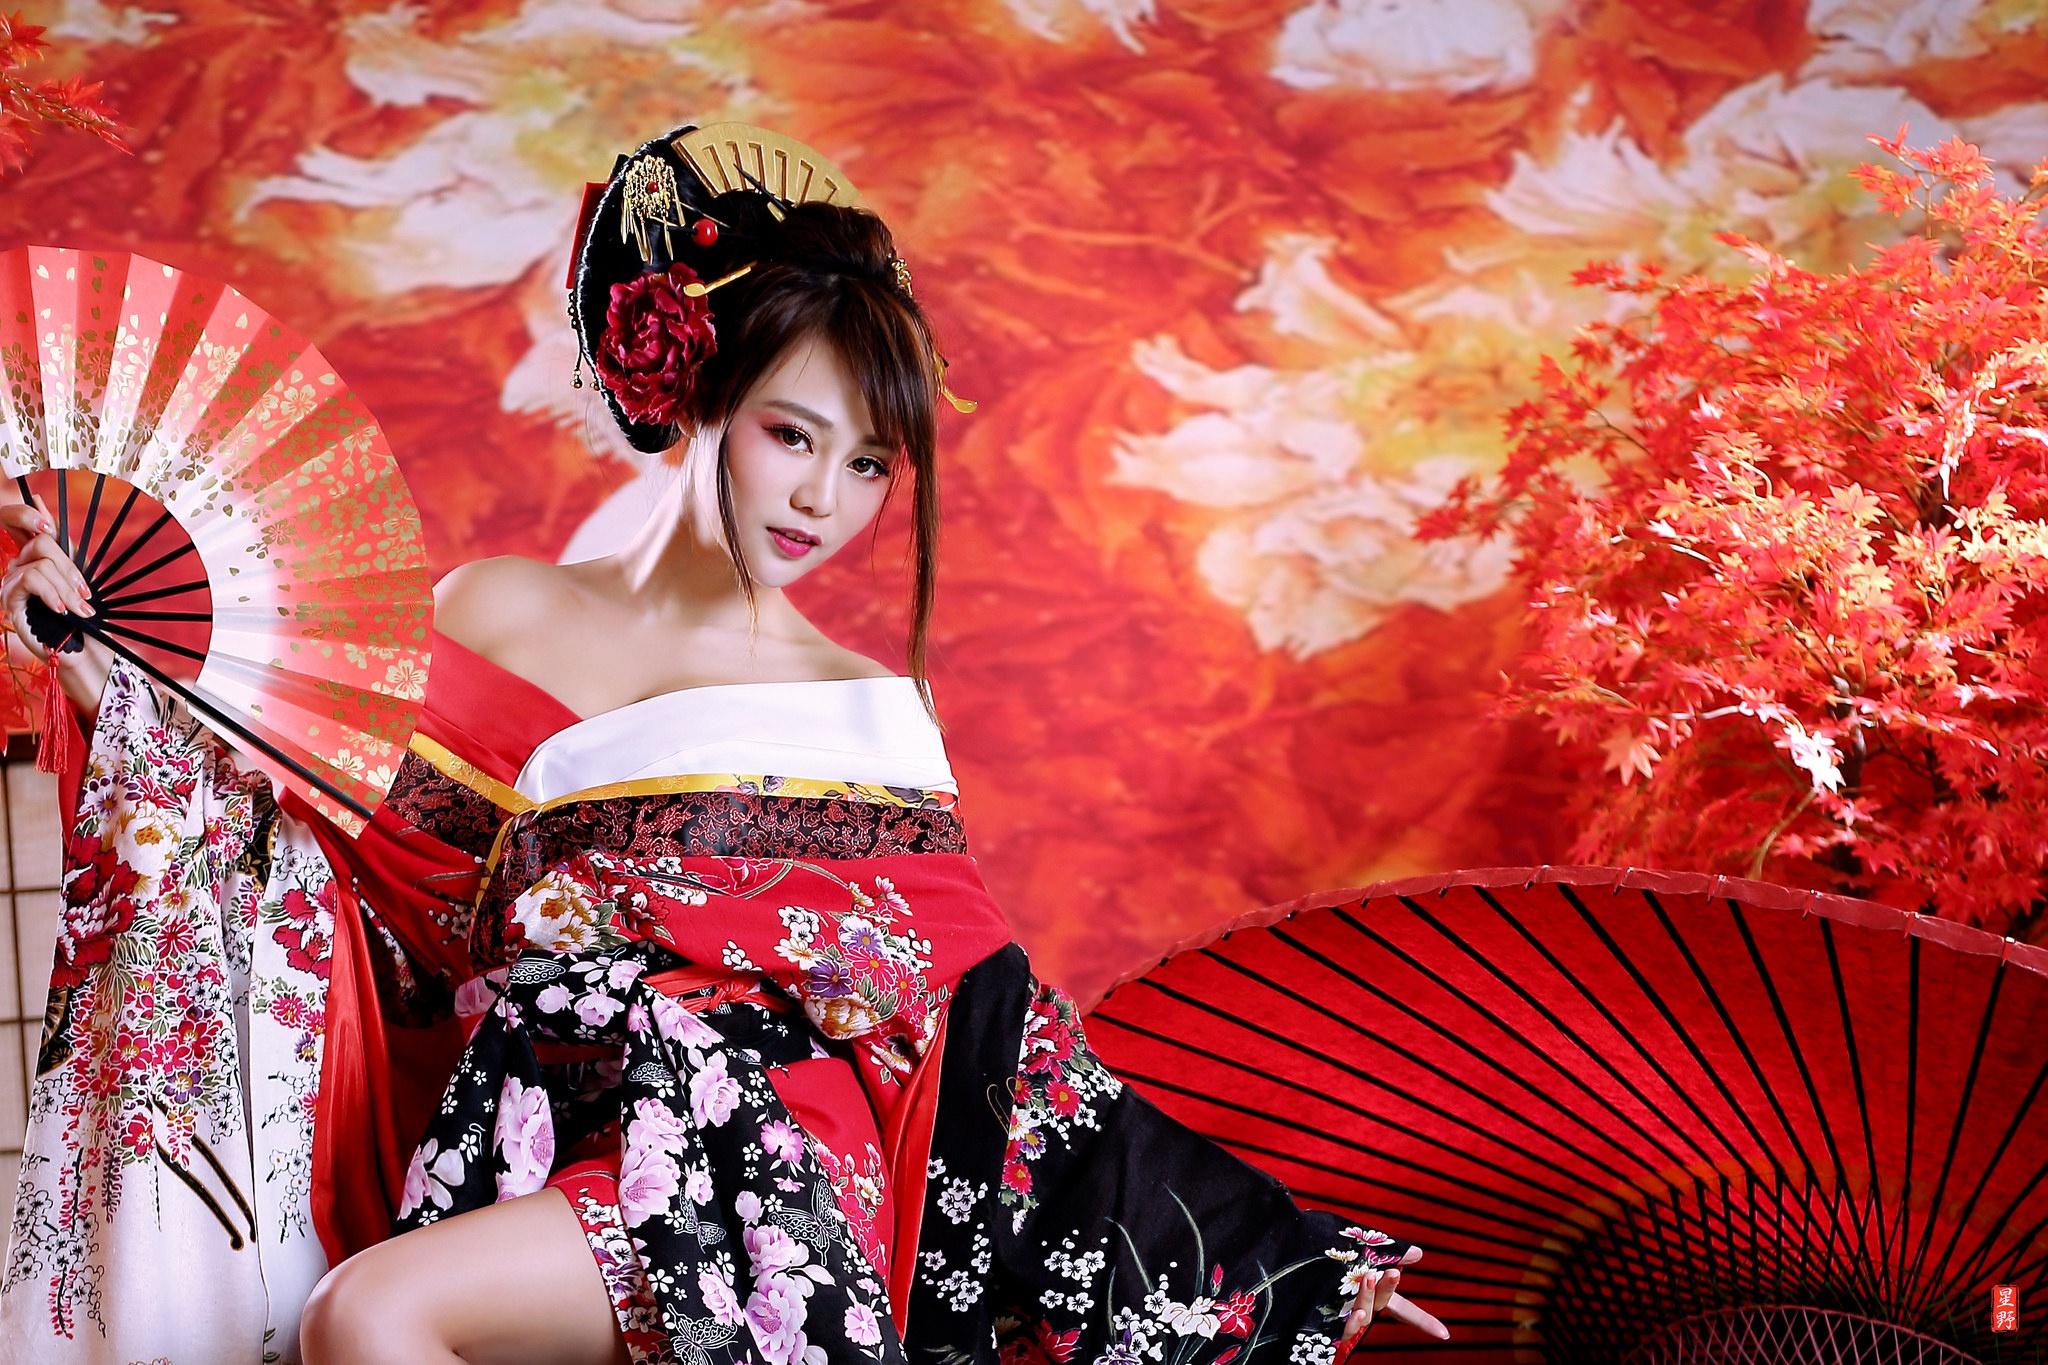 того, фото китаянок с веерами в кимоно долго покидала родовое